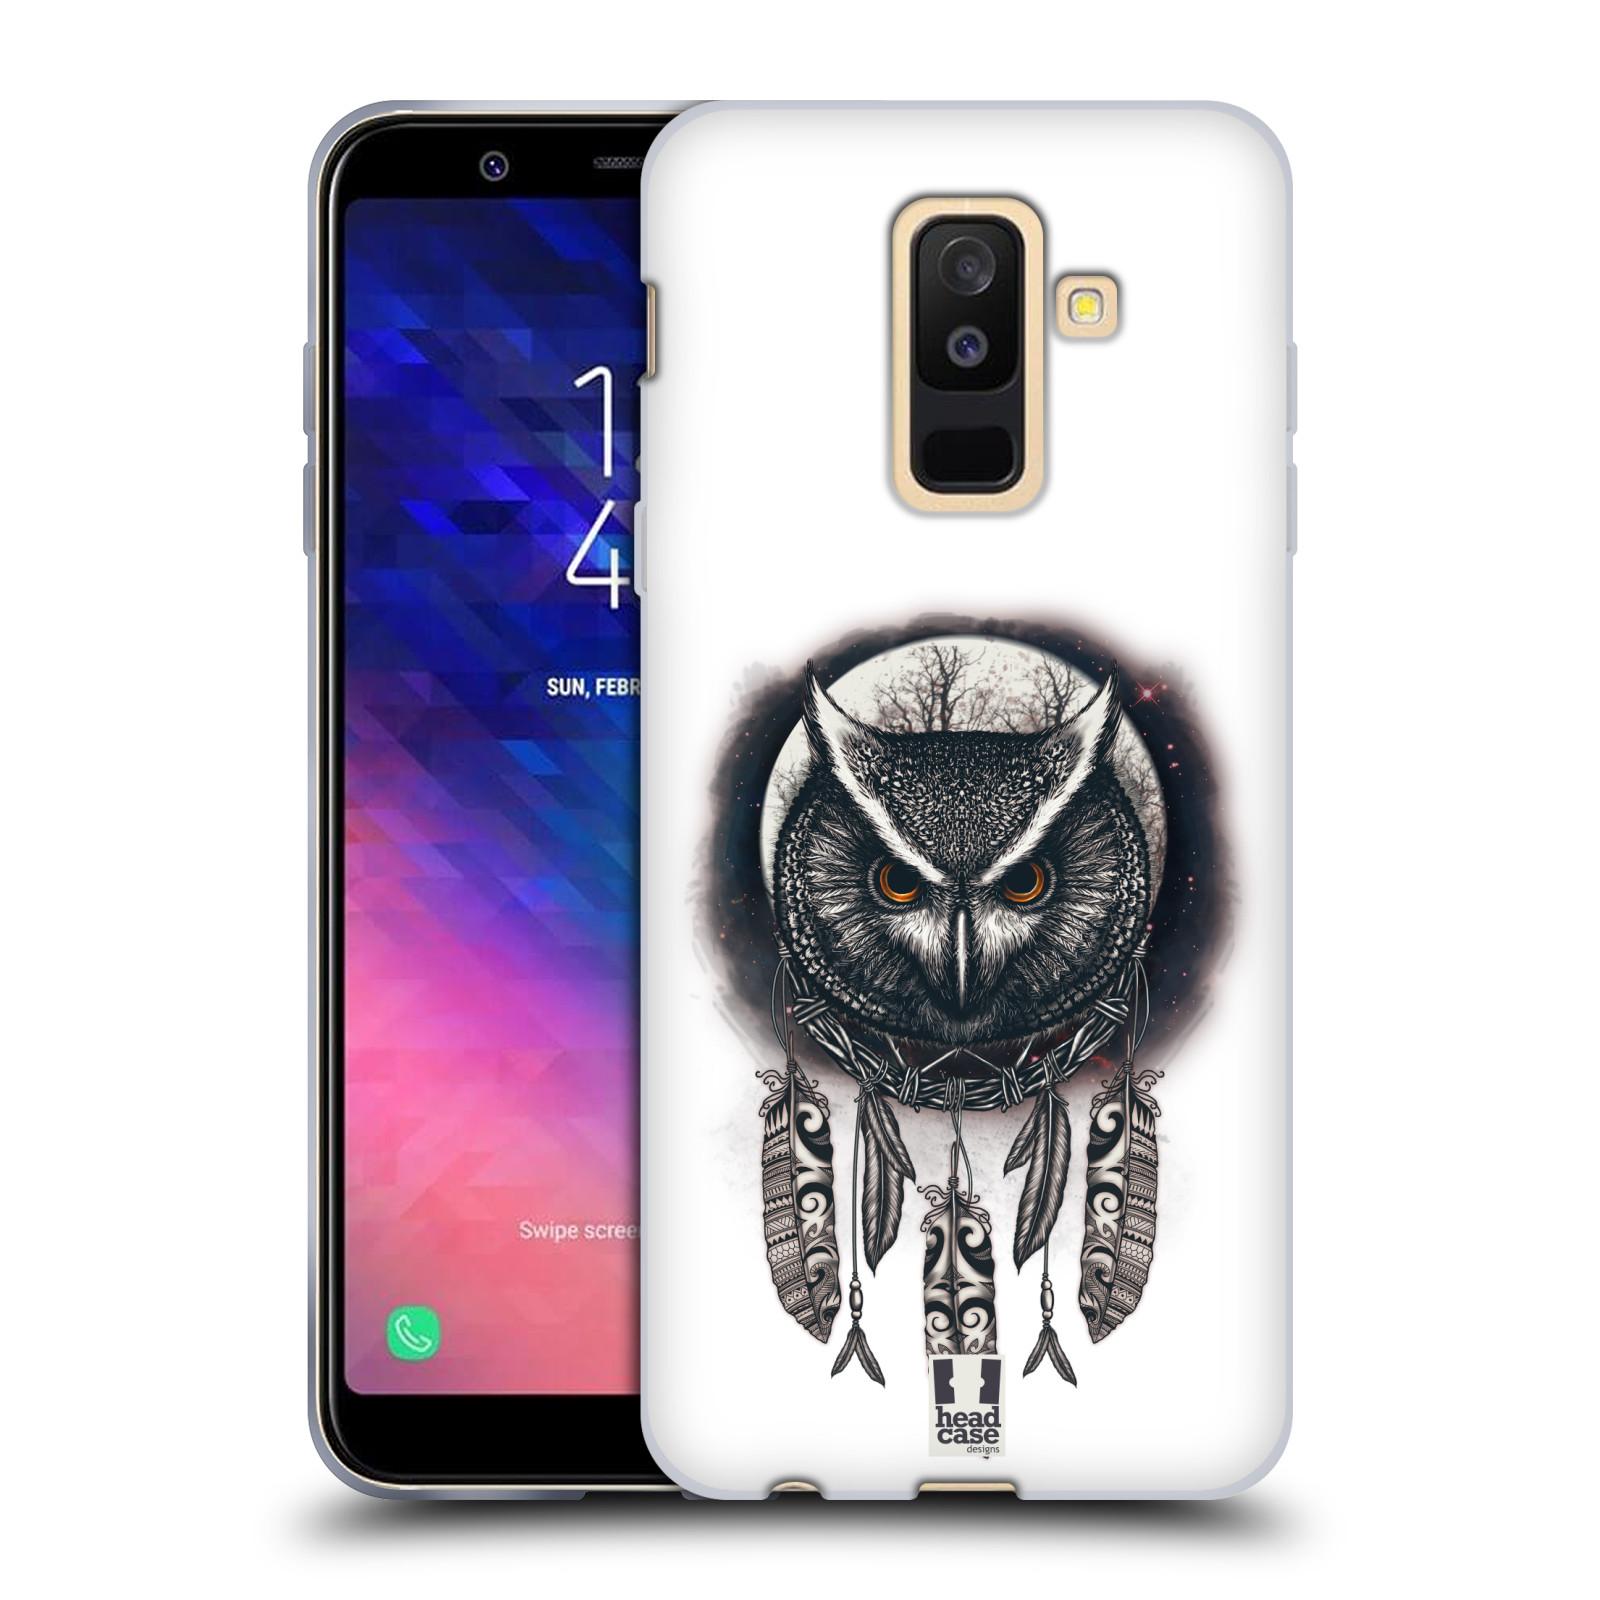 Silikonové pouzdro na mobil Samsung Galaxy A6 Plus (2018) - Head Case - Soví lapač